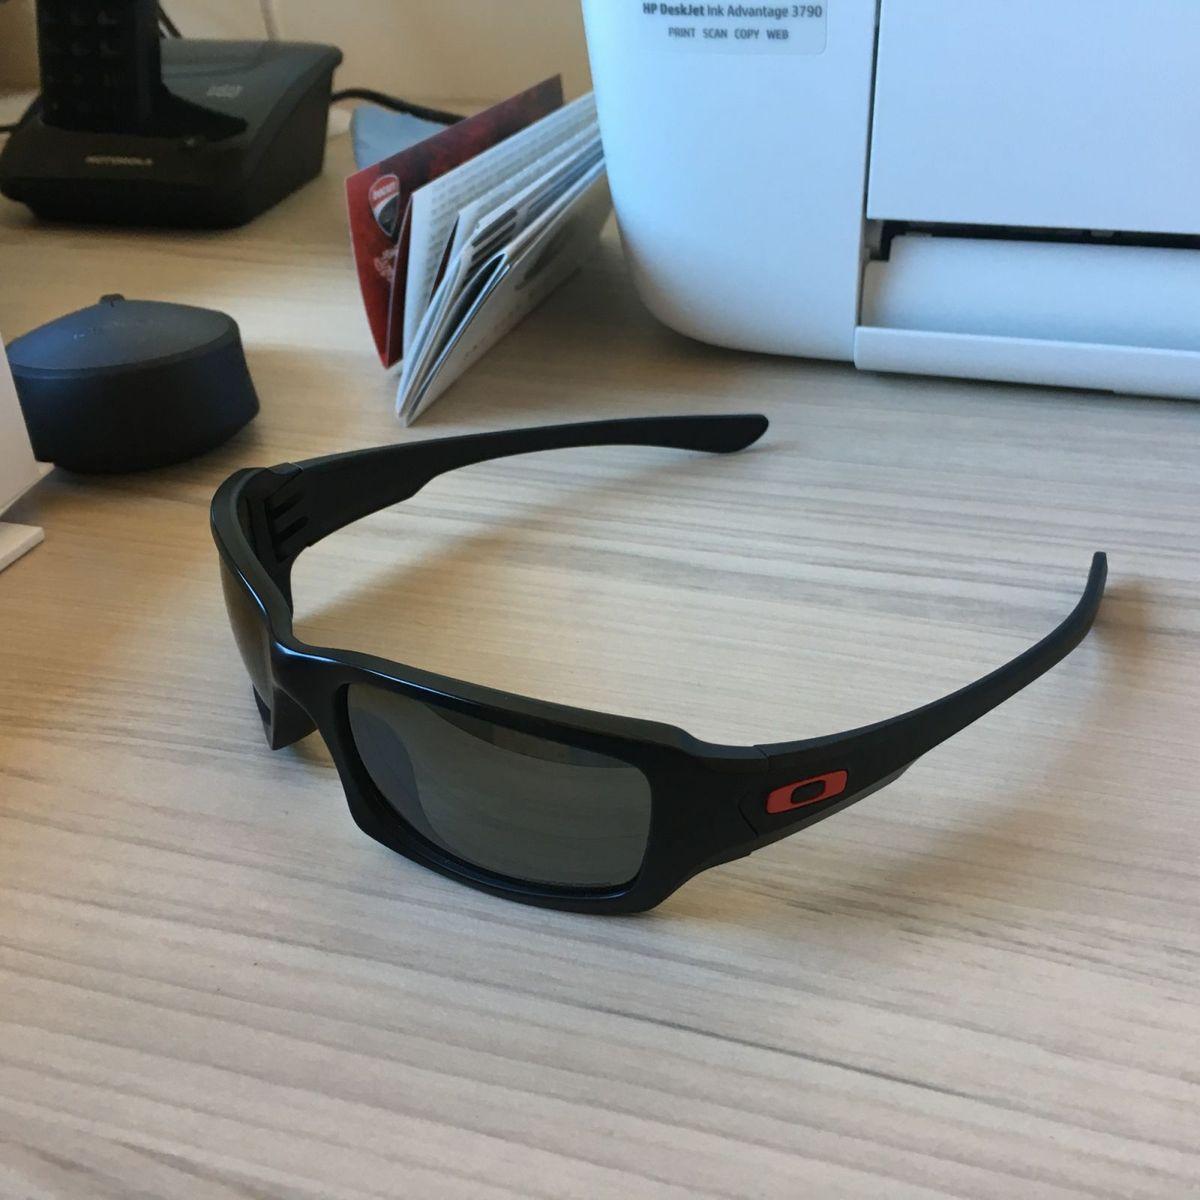 oakley ducatti -lente polarizada - óculos oakley.  Czm6ly9wag90b3muzw5qb2vplmnvbs5ici9wcm9kdwn0cy83mzuwody1lzbkyzzhztixmdlingi4mtm2mzayzdkyyjeymzdimjizlmpwzw  ... 3ece125703